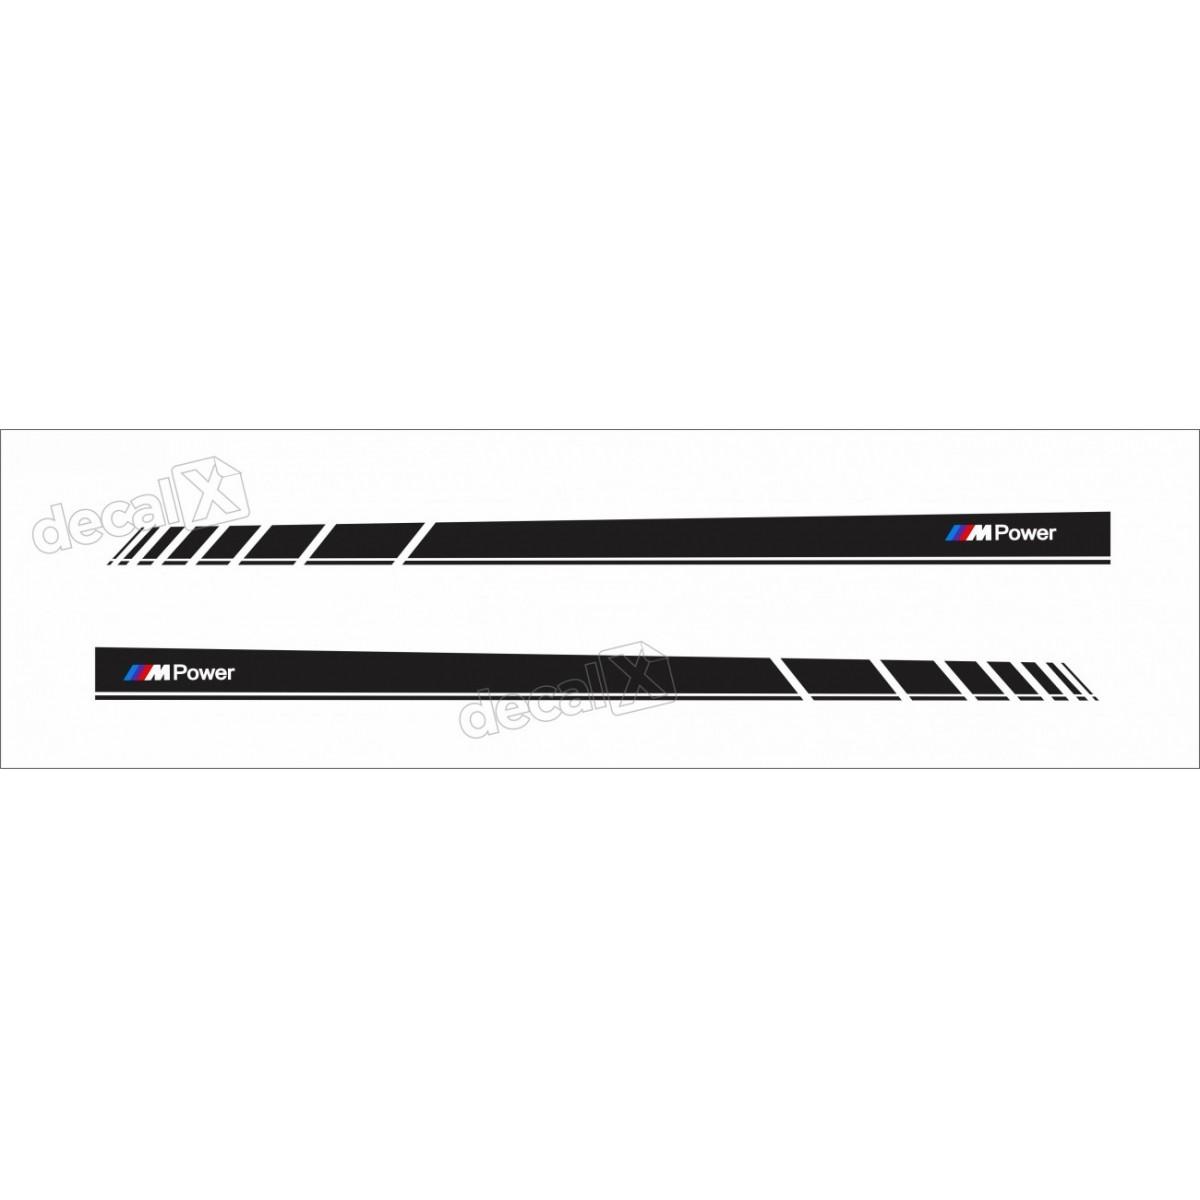 Adesivo Bmw Faixa Lateral Serie 3 Power Bw28